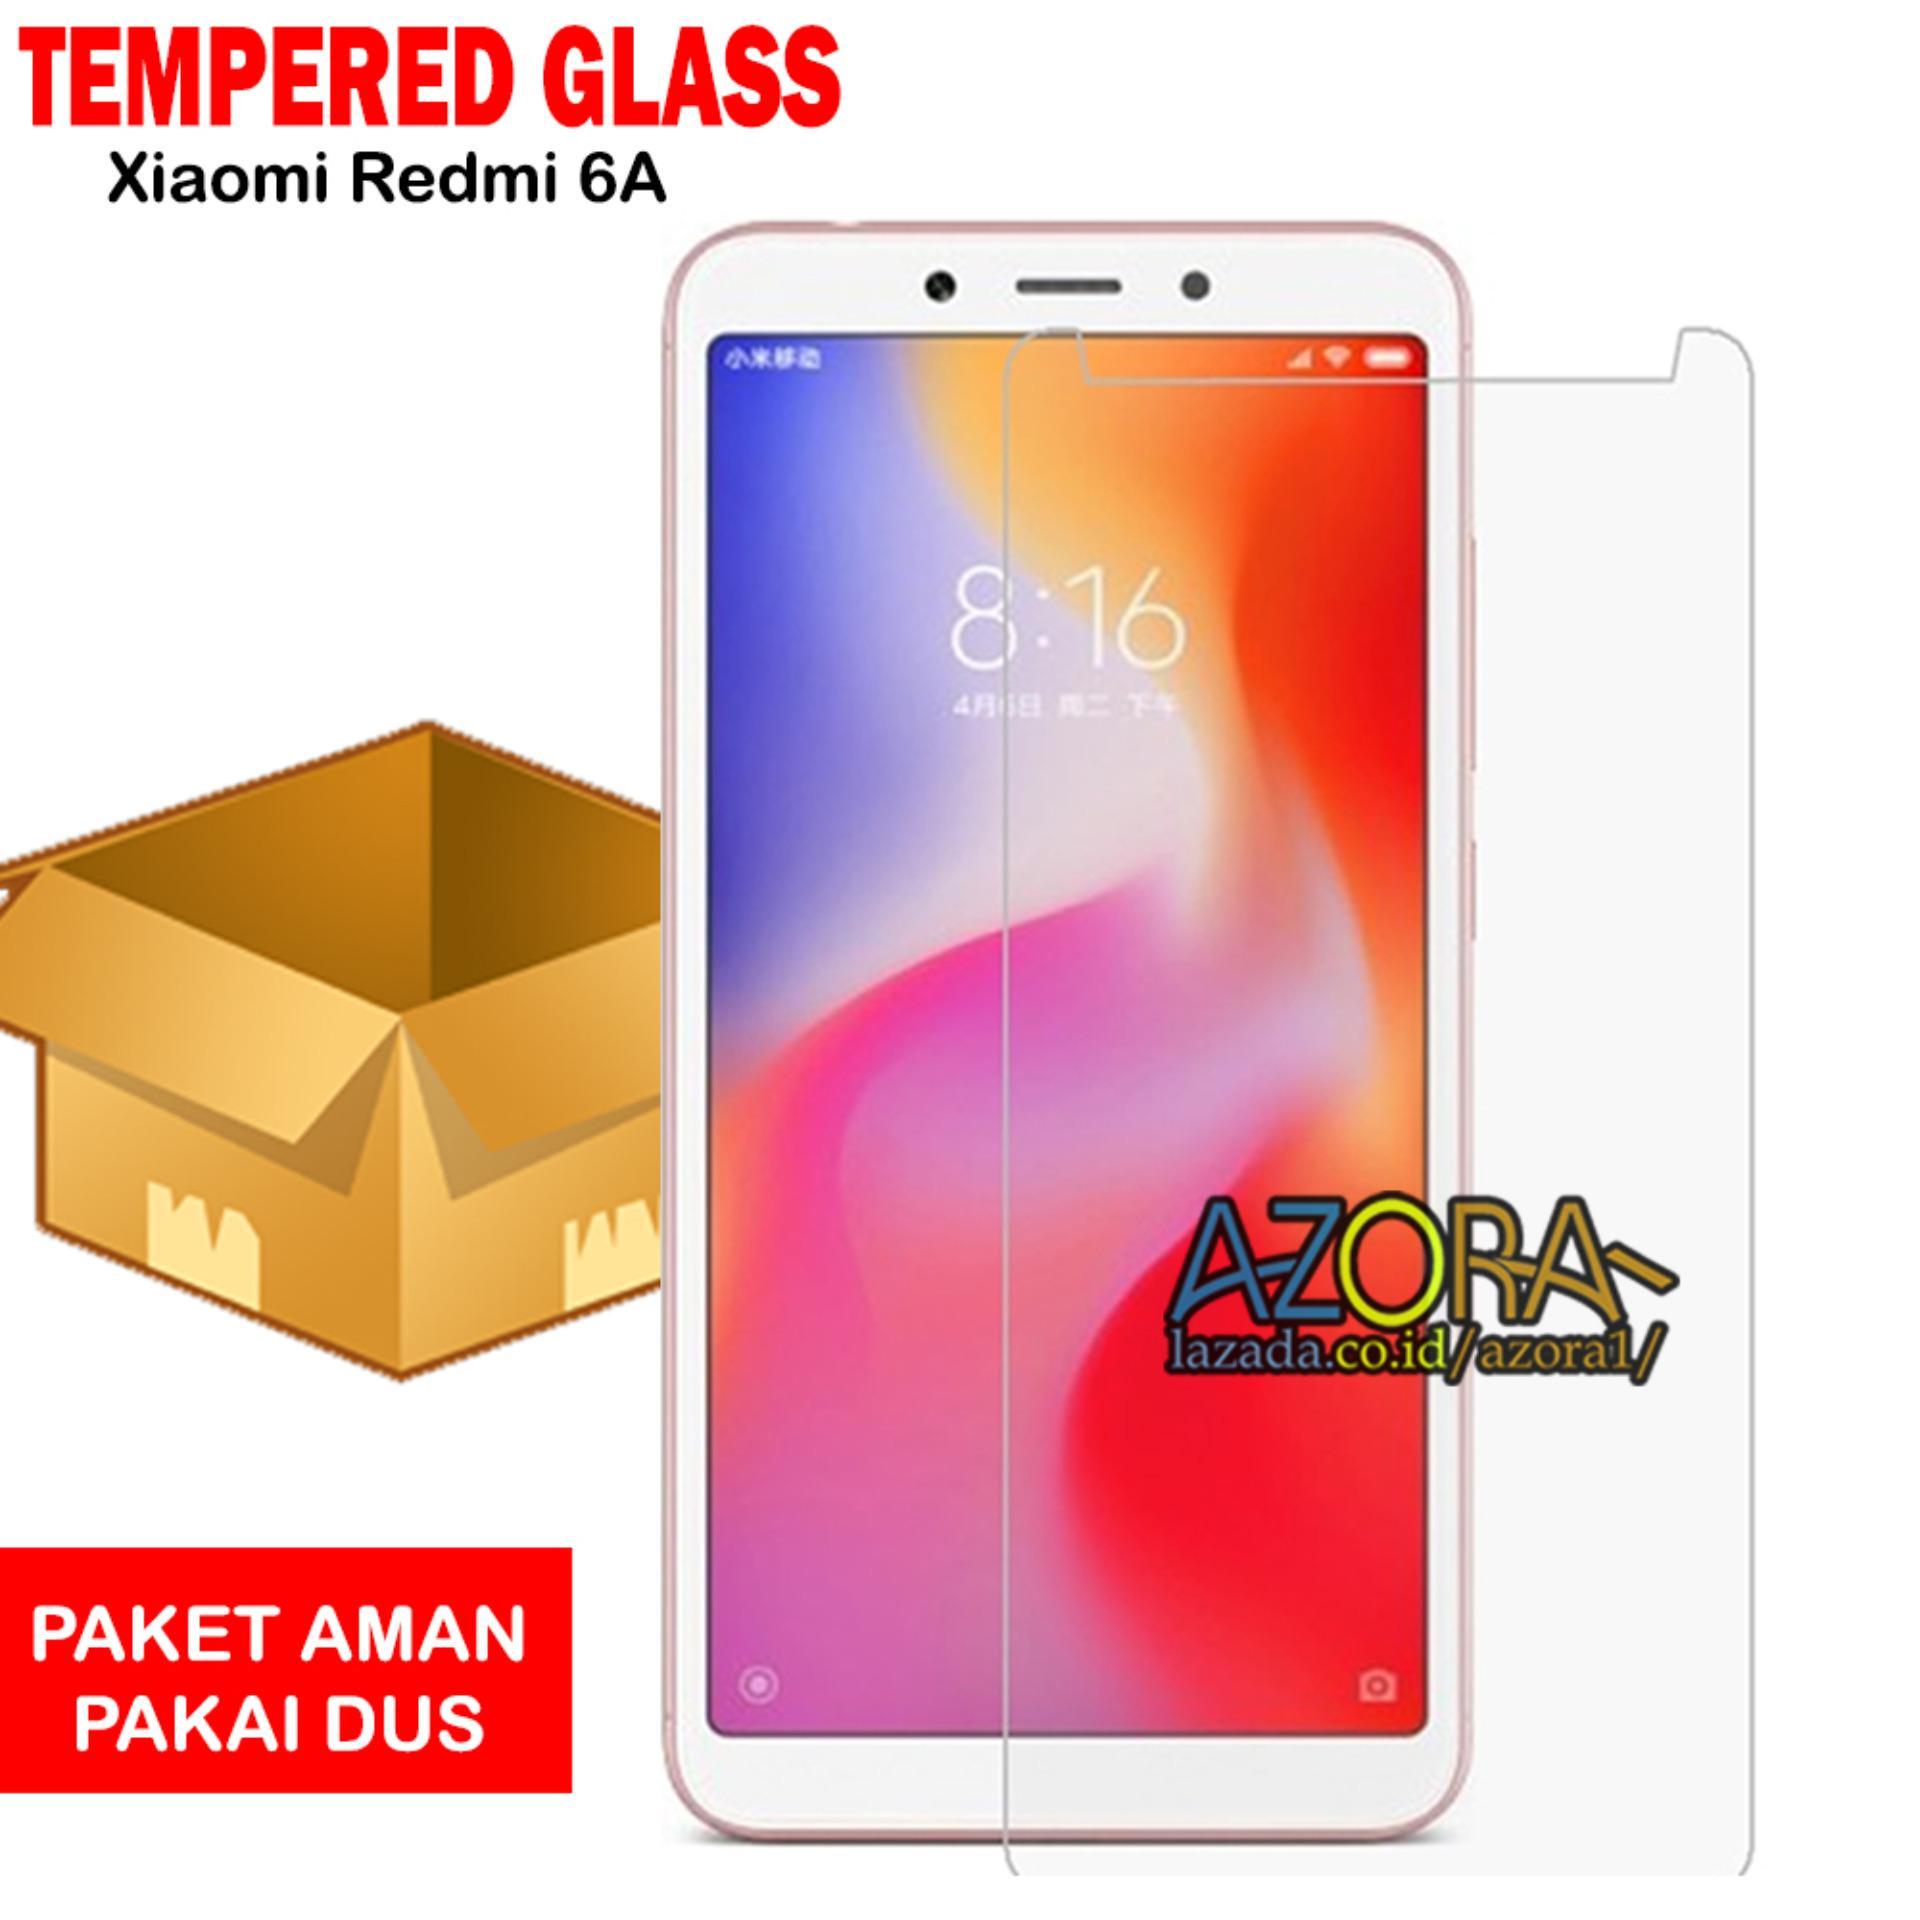 Tempered Glass Xiaomi Redmi 6A Screen Protector Pelindung Layar Kaca Anti Gores - Bening